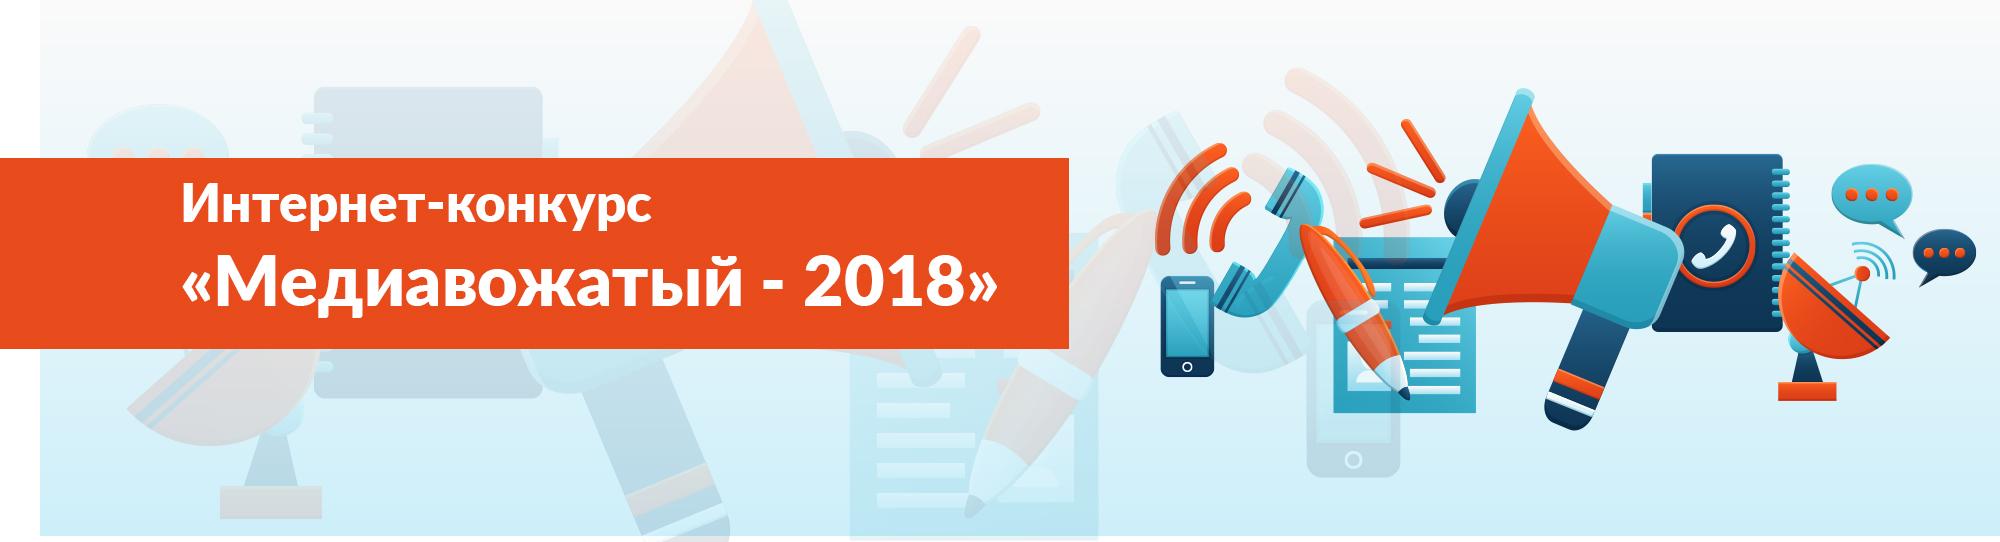 mediavozhat-2018